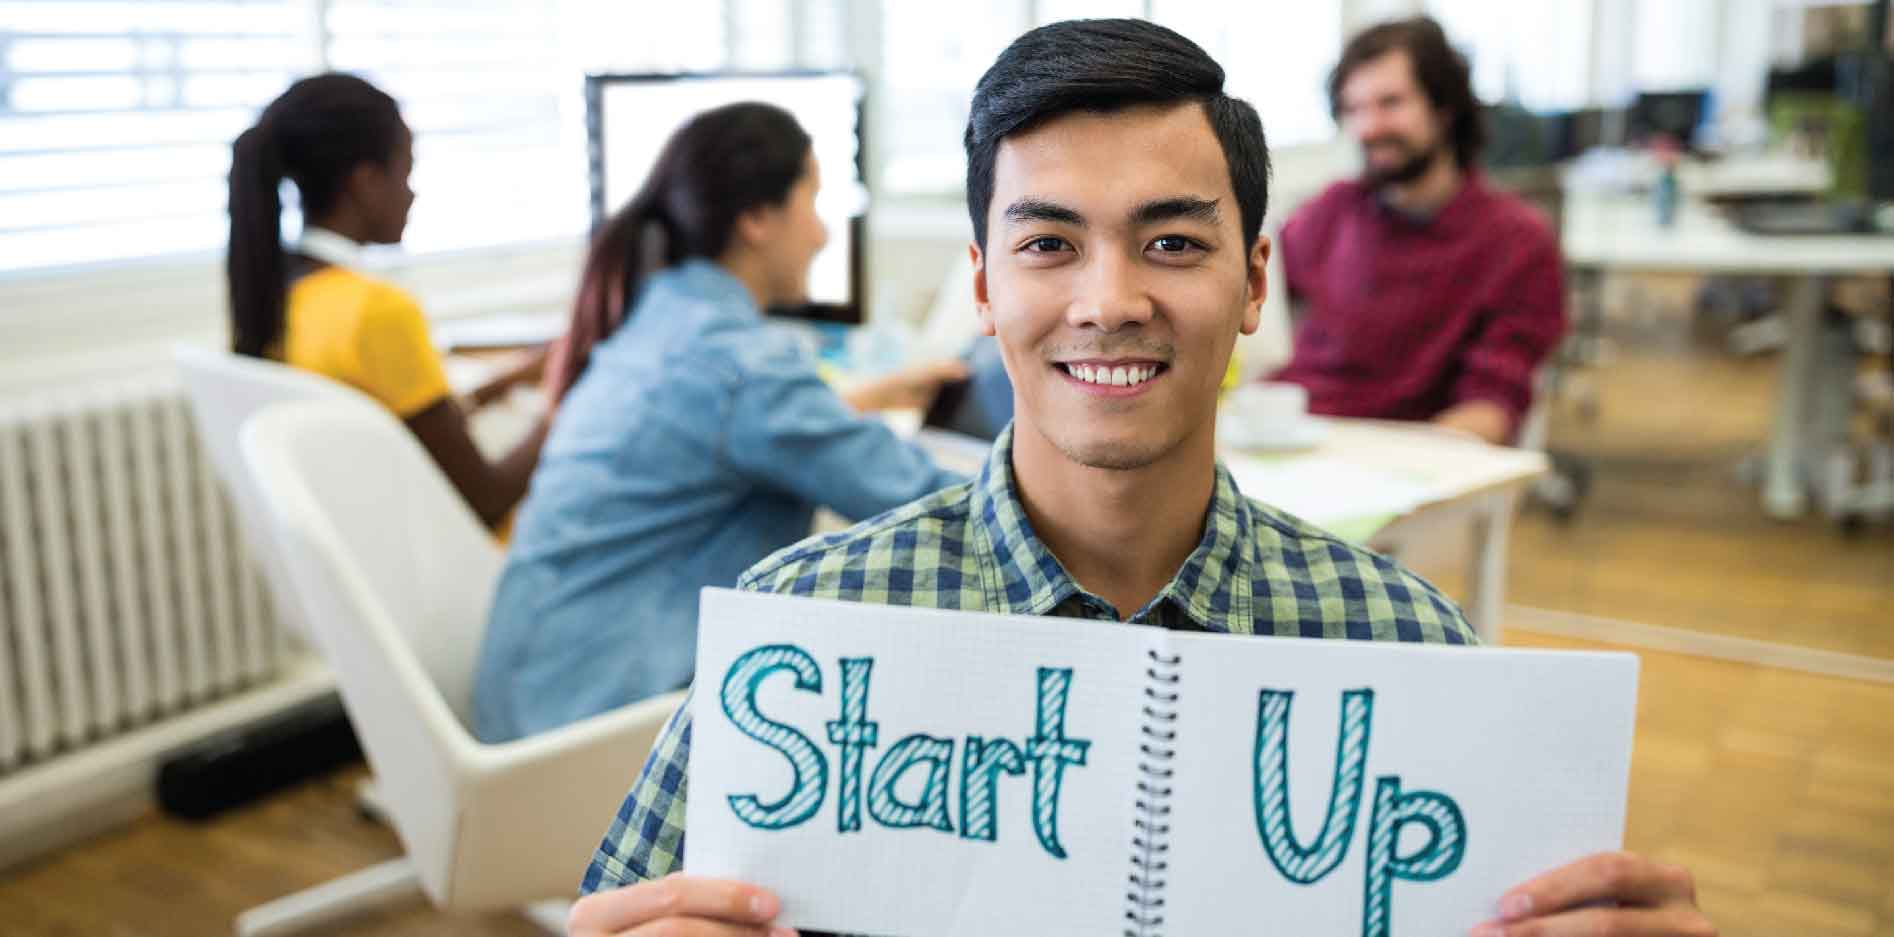 Lý do bạn nên startup? [Phần 2: Startup bạn sẽ được làm trùm?]